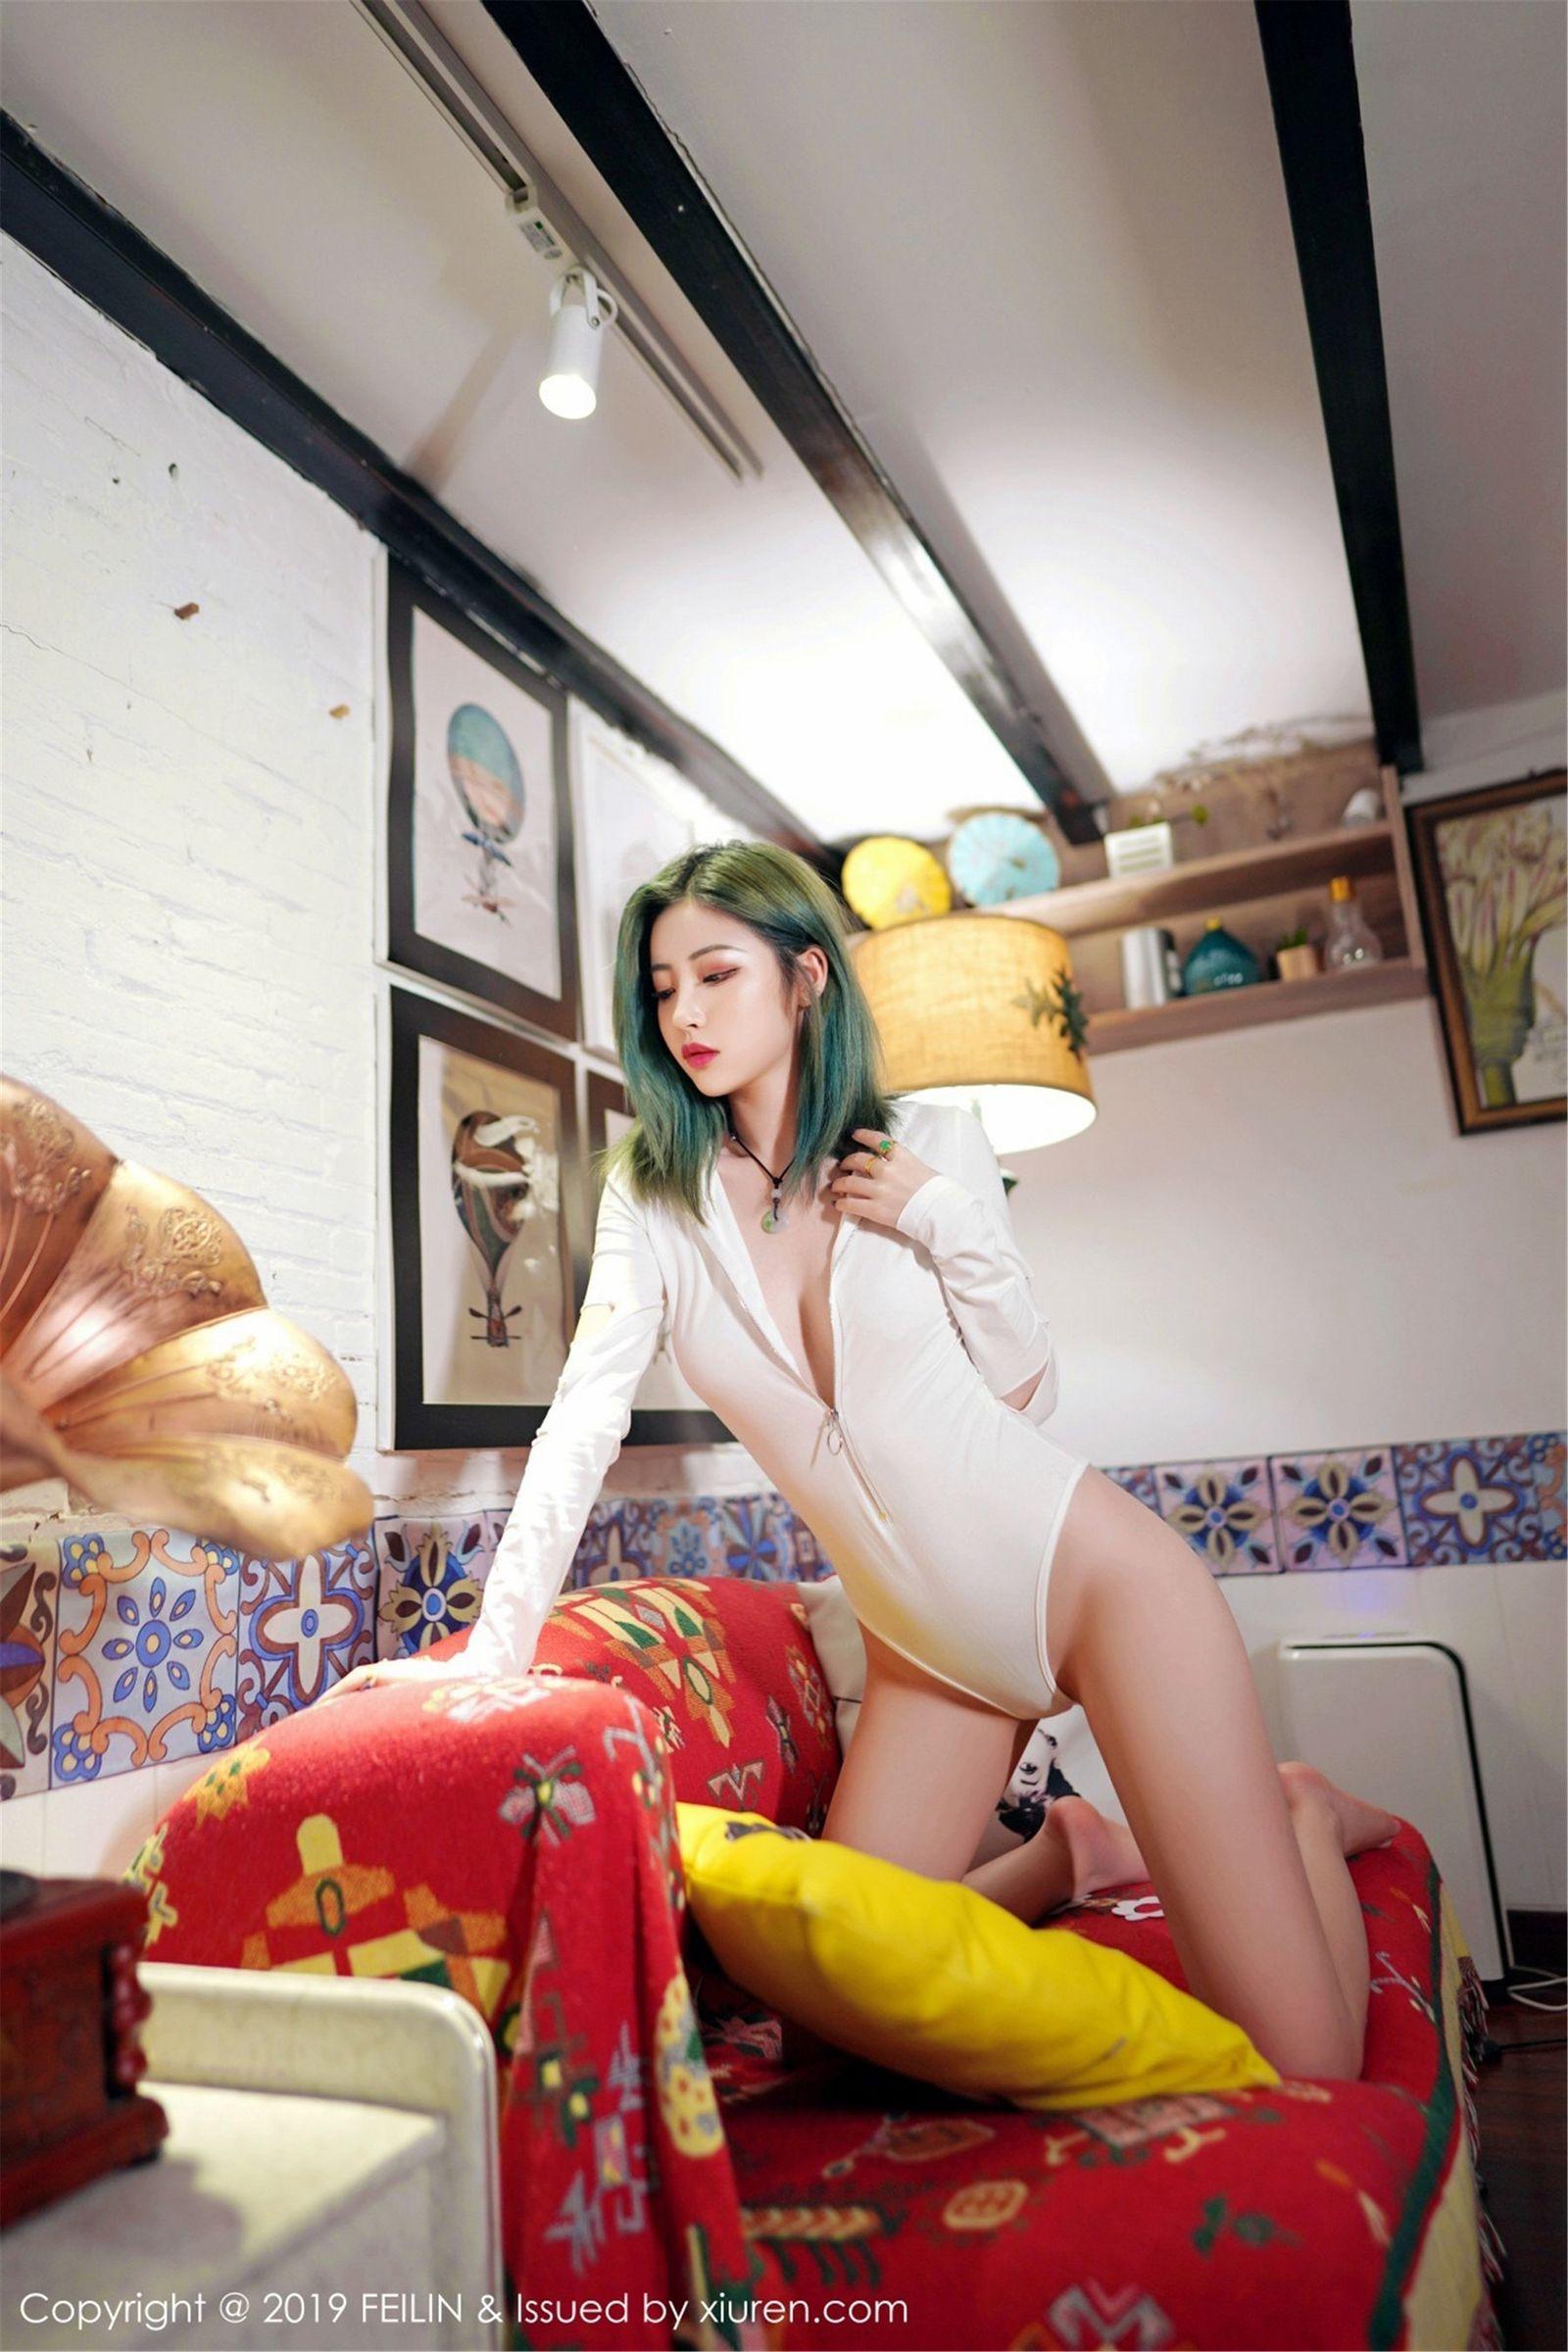 [FEILIN嗲囡囡] Vol.188 新人模特@小樱花首套丝袜美图[54P]